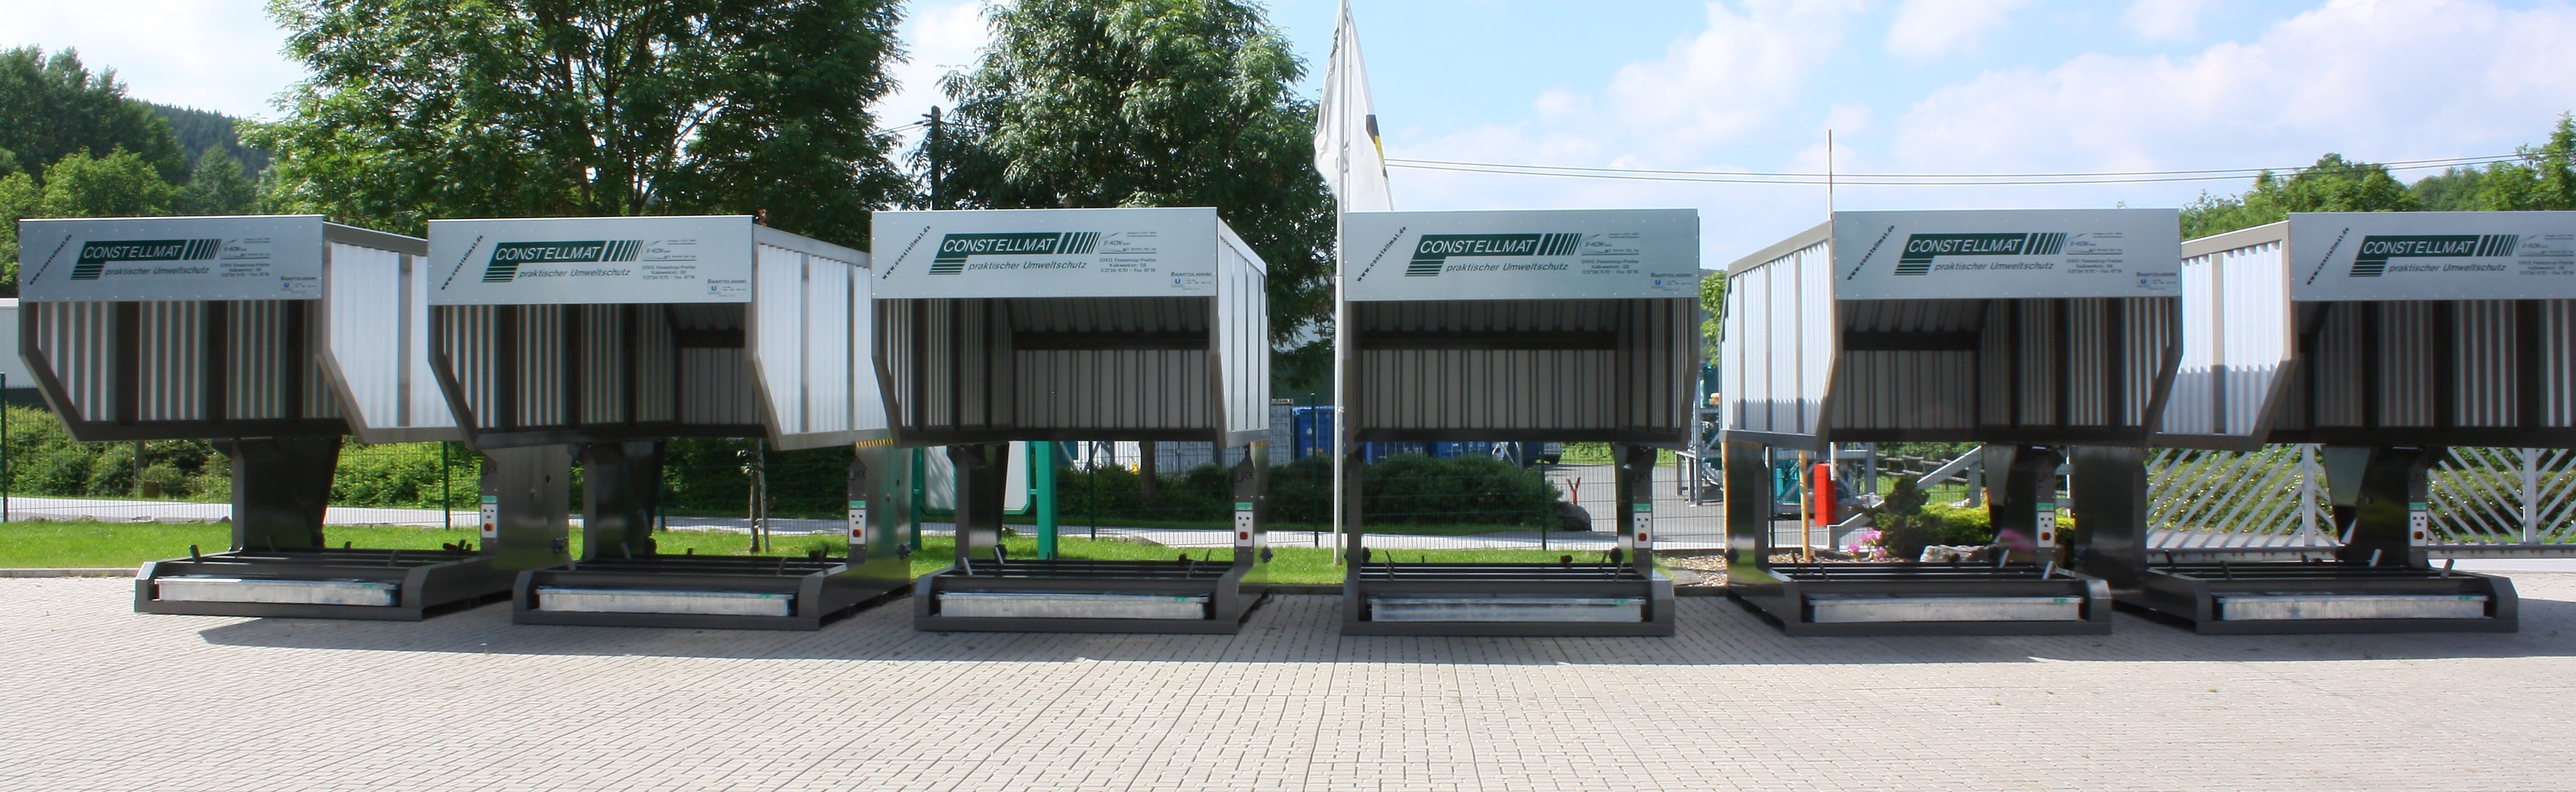 Containerstellplätze CONSTELLMAT